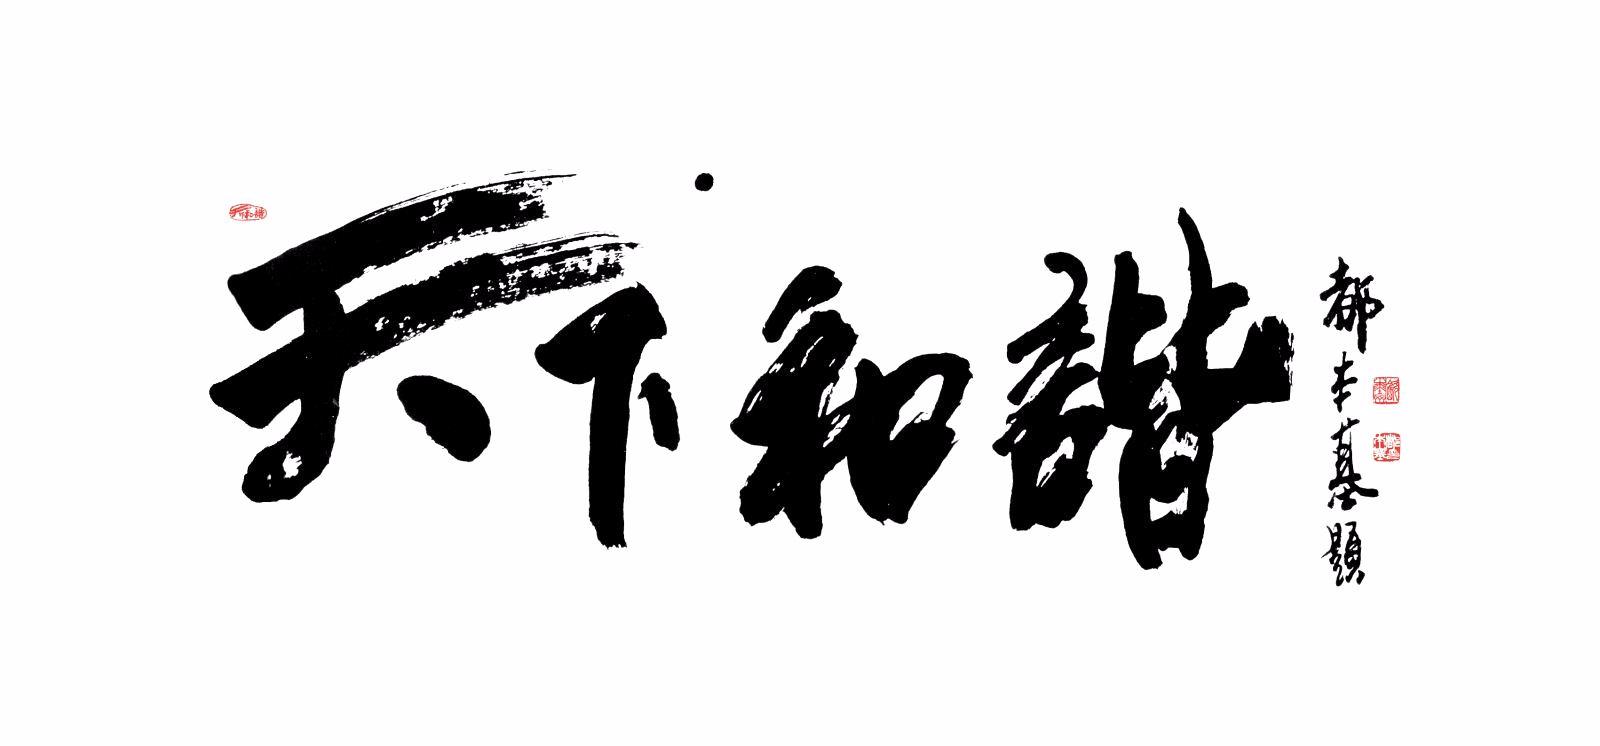 都本基:让中国书画艺术走向世界